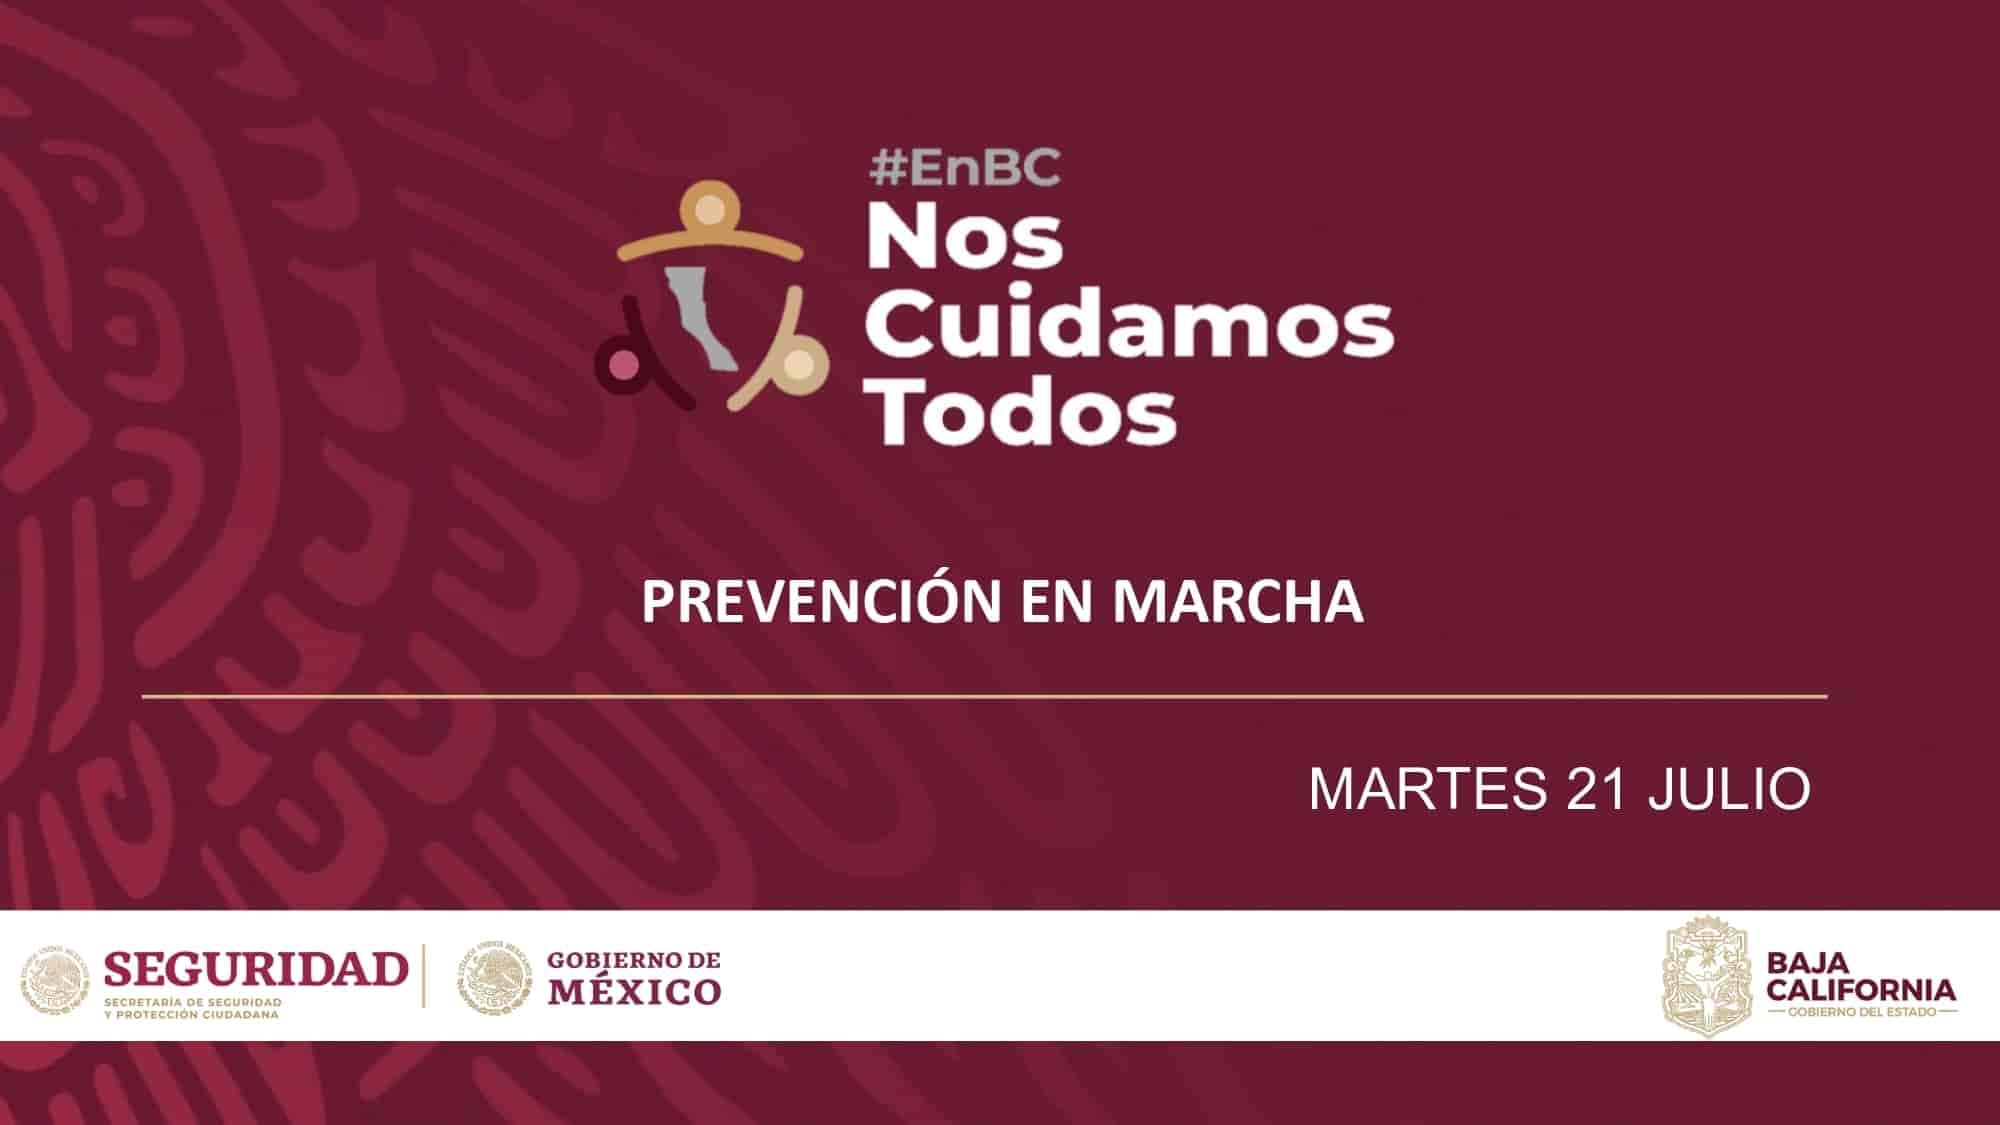 Reporte de prevención en marcha ante la pandemia